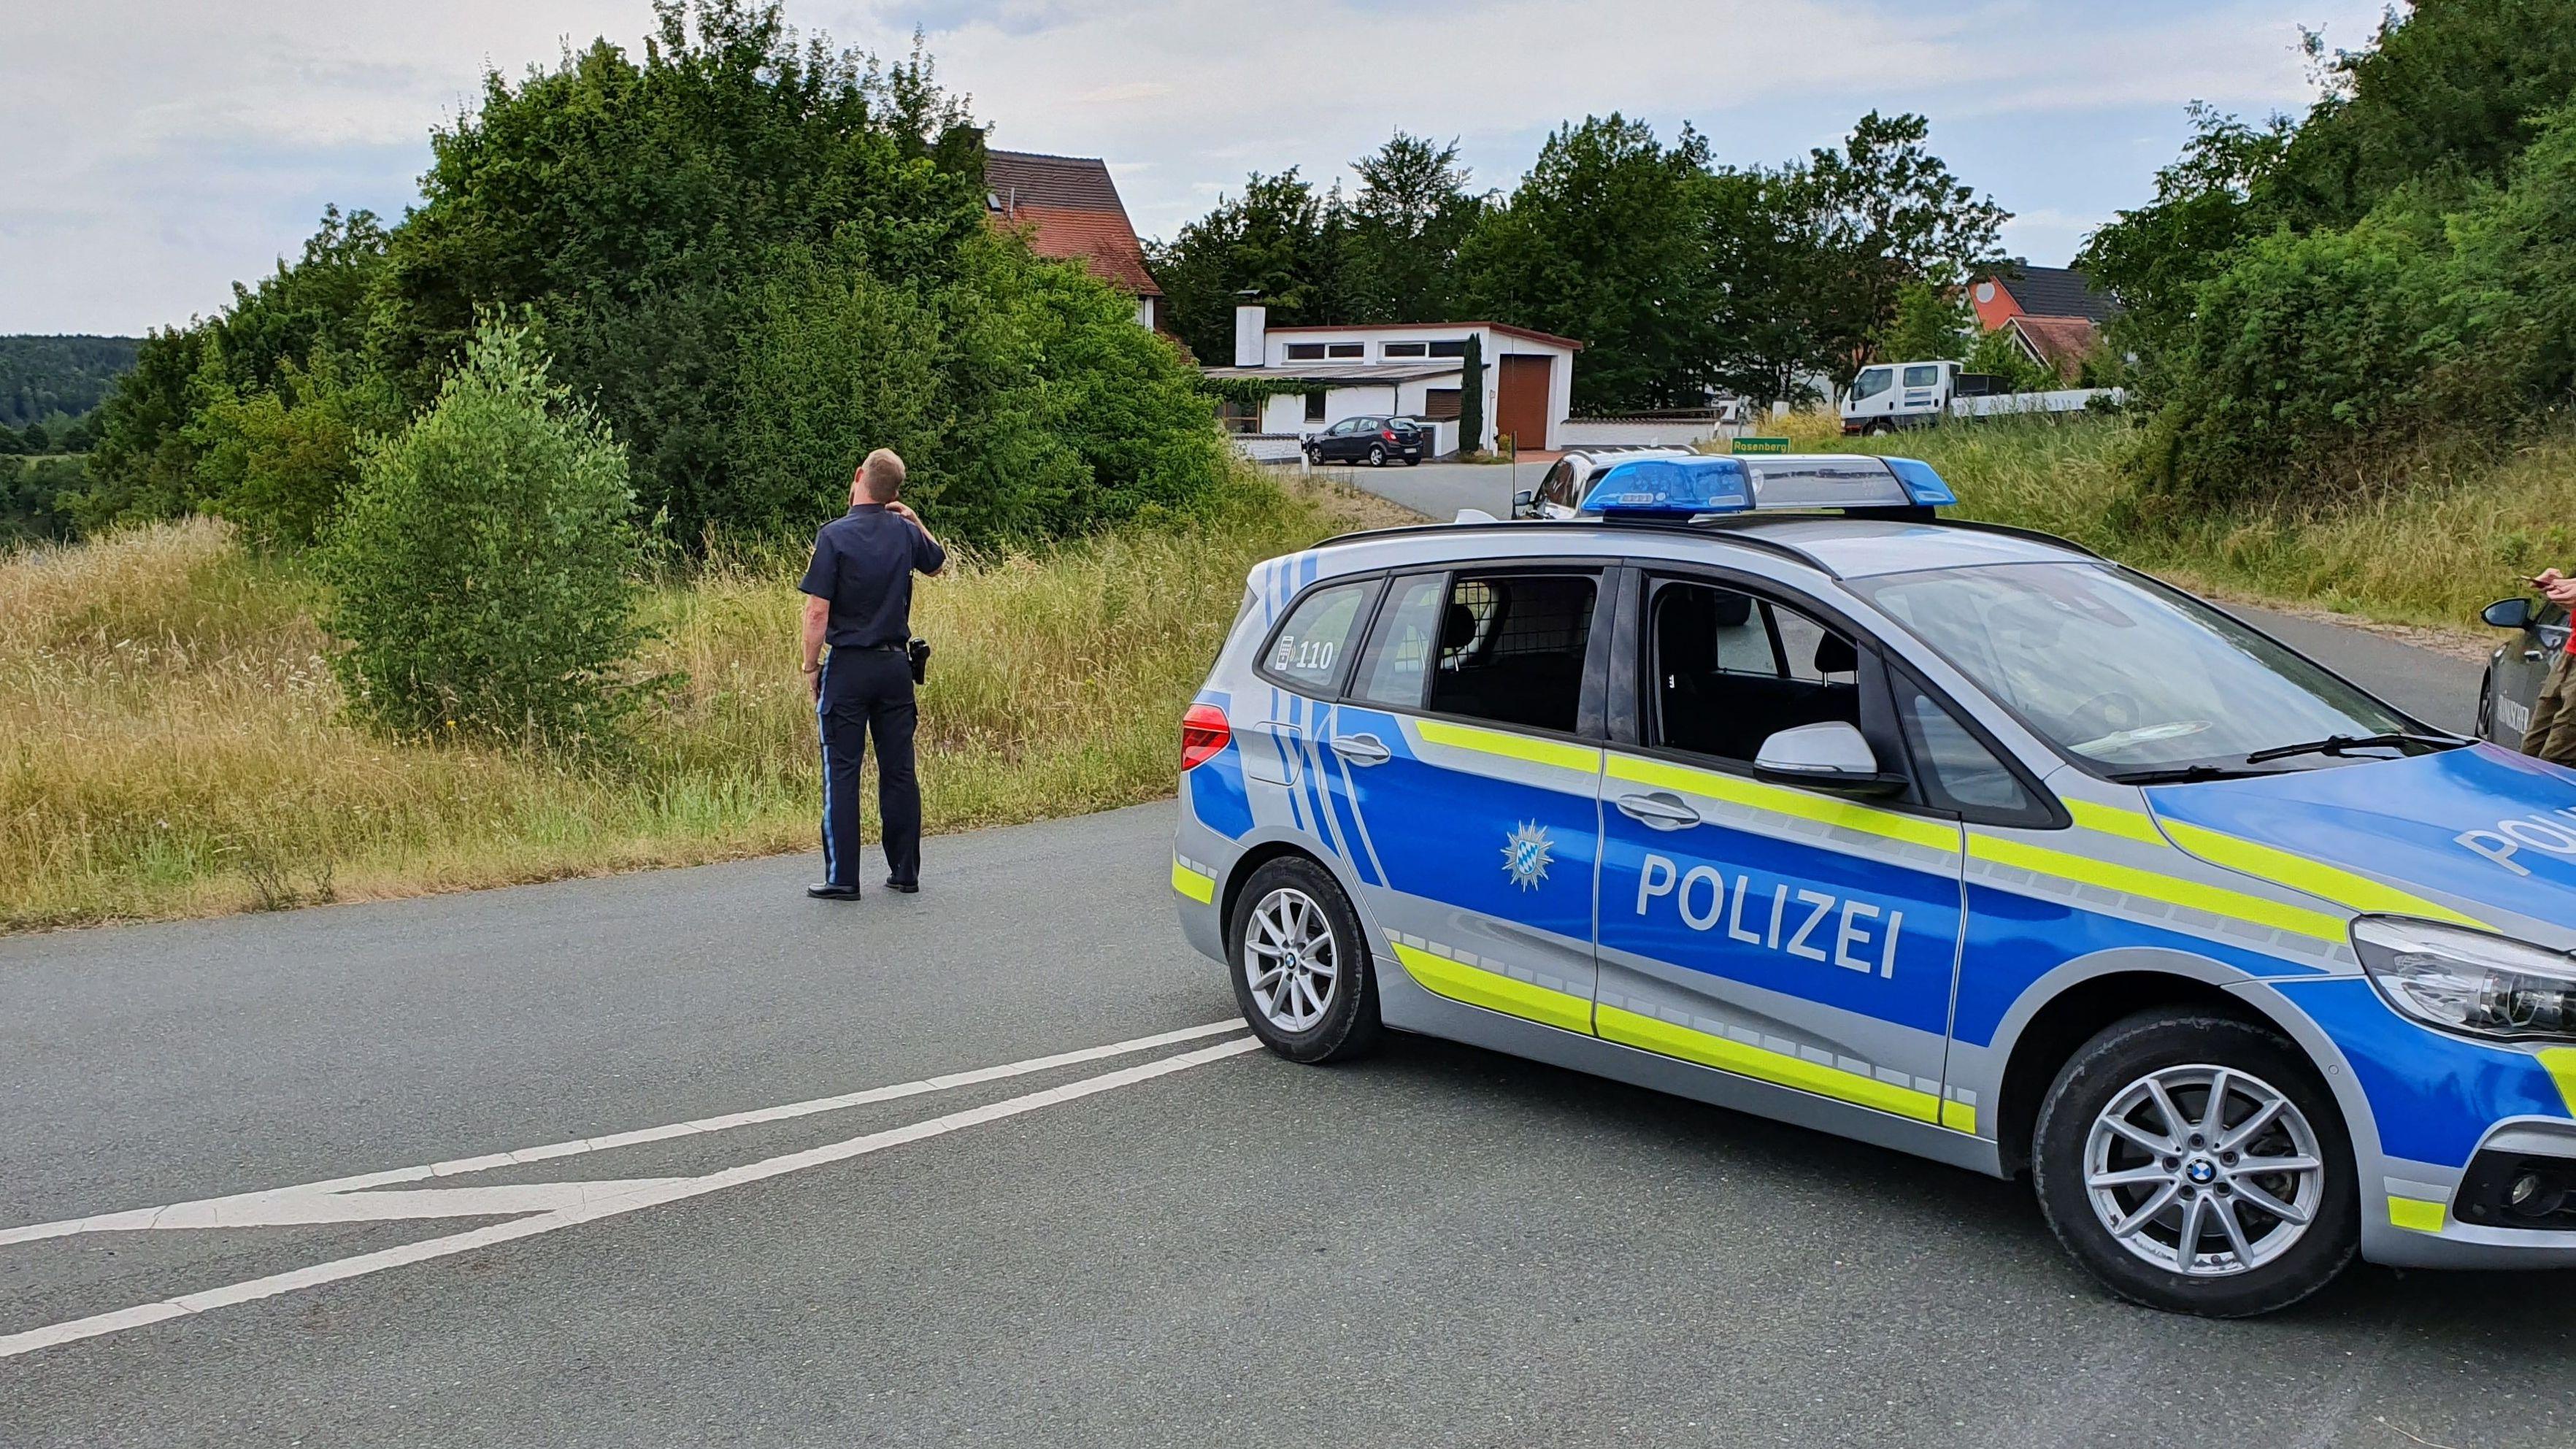 Polizei in Rügland, einem Ortsteil von Rosenberg im Landkreis Ansbach: Ein 49-Jähriger wurde tot aufgefunden.